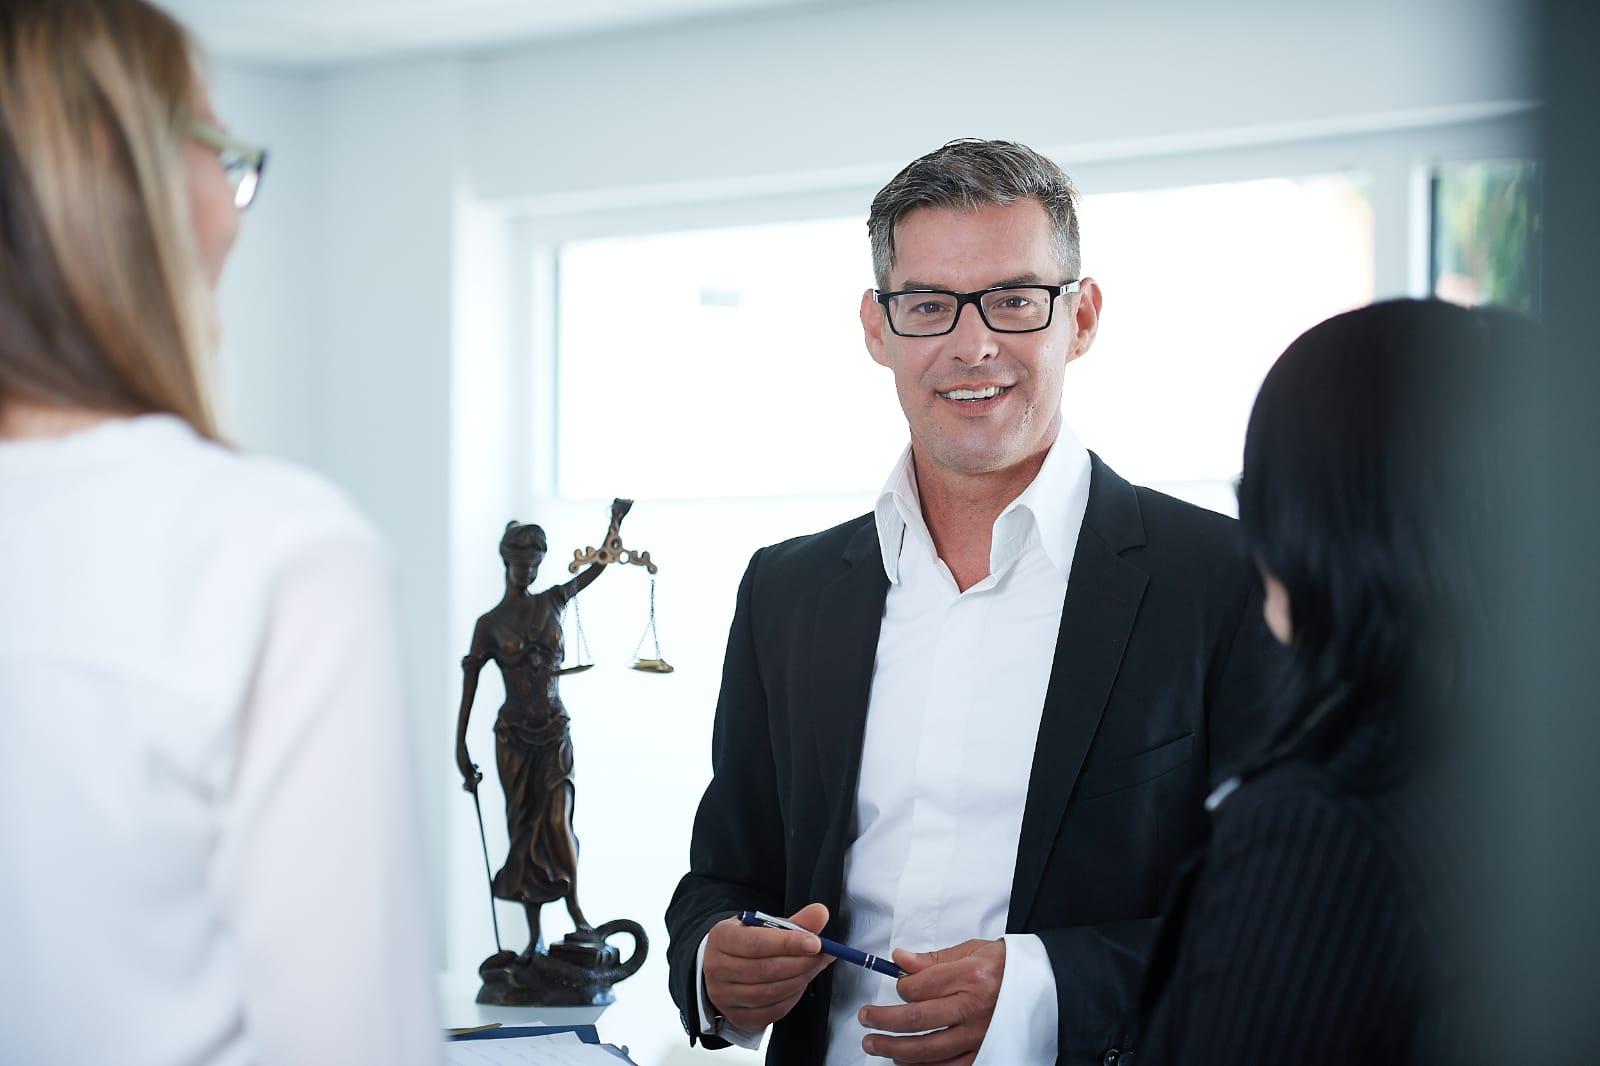 Immobilienrecht Kanzlei Rechtsanwalt Haiger